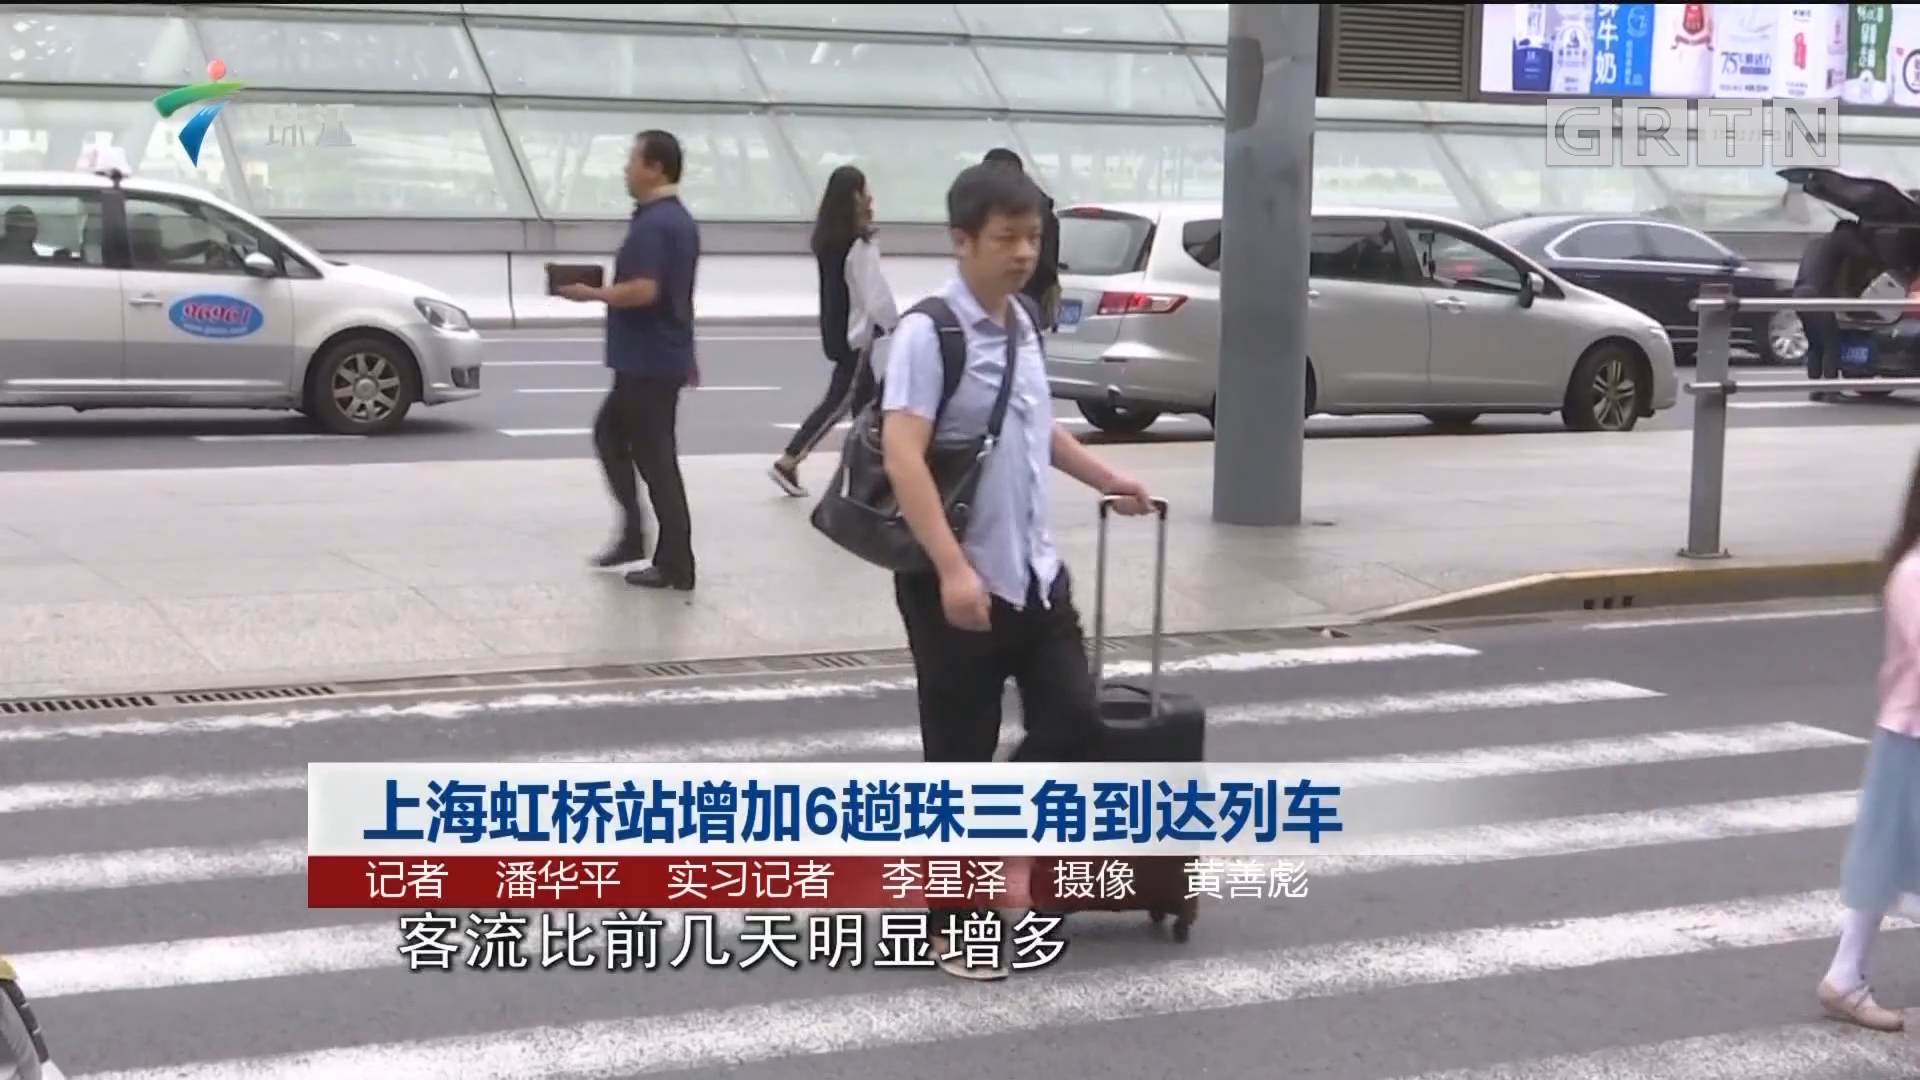 上海虹桥站增加6趟珠三角到达列车